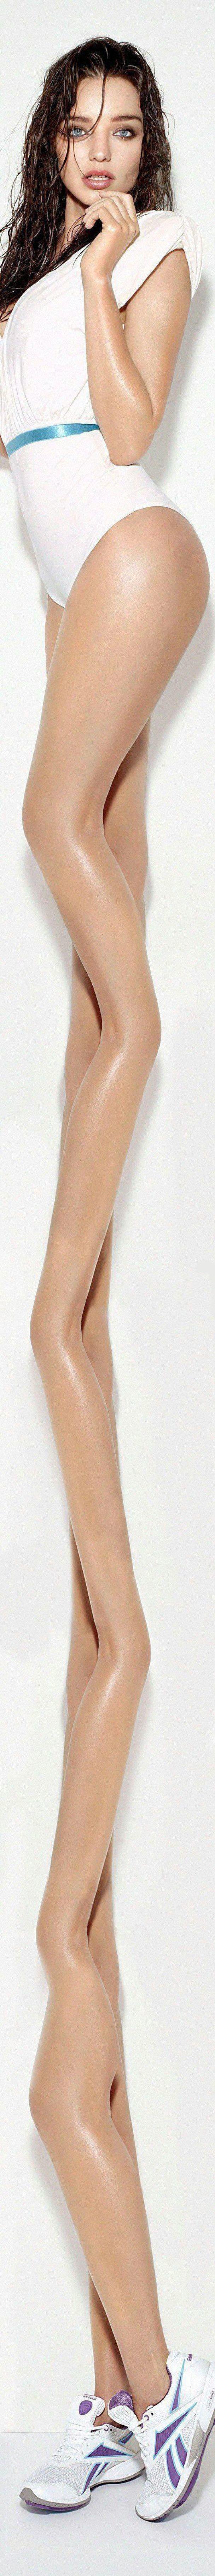 nice legs. . nice legs